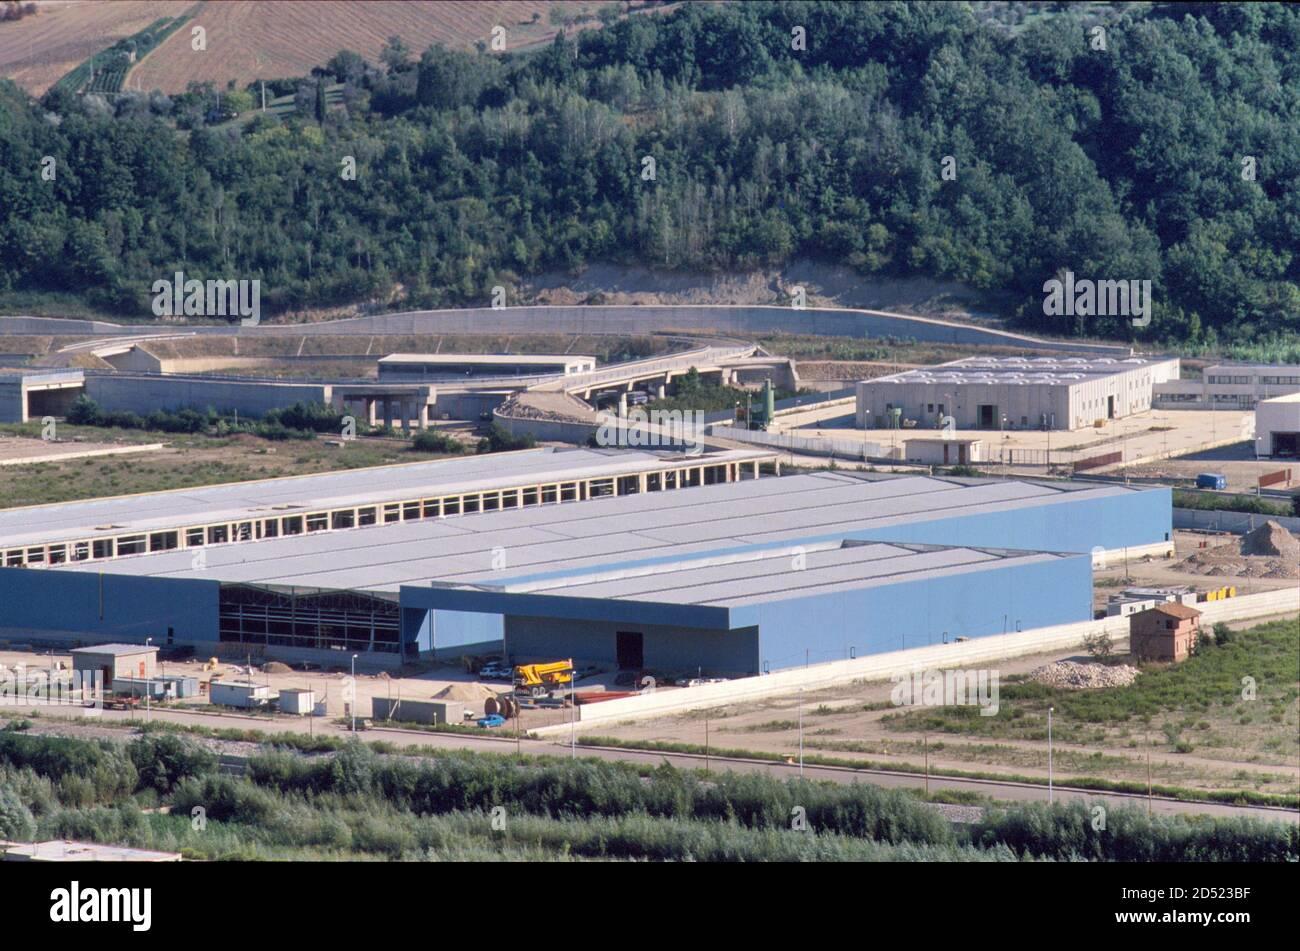 September 1990, Irpinia reconstruction after the earthquake of 1980,  Calitri industrial area - settembre 1990, ricostruzione in Irpinia dopo il  terremoto del 1980, area industriale di Calitri Stock Photo - Alamy